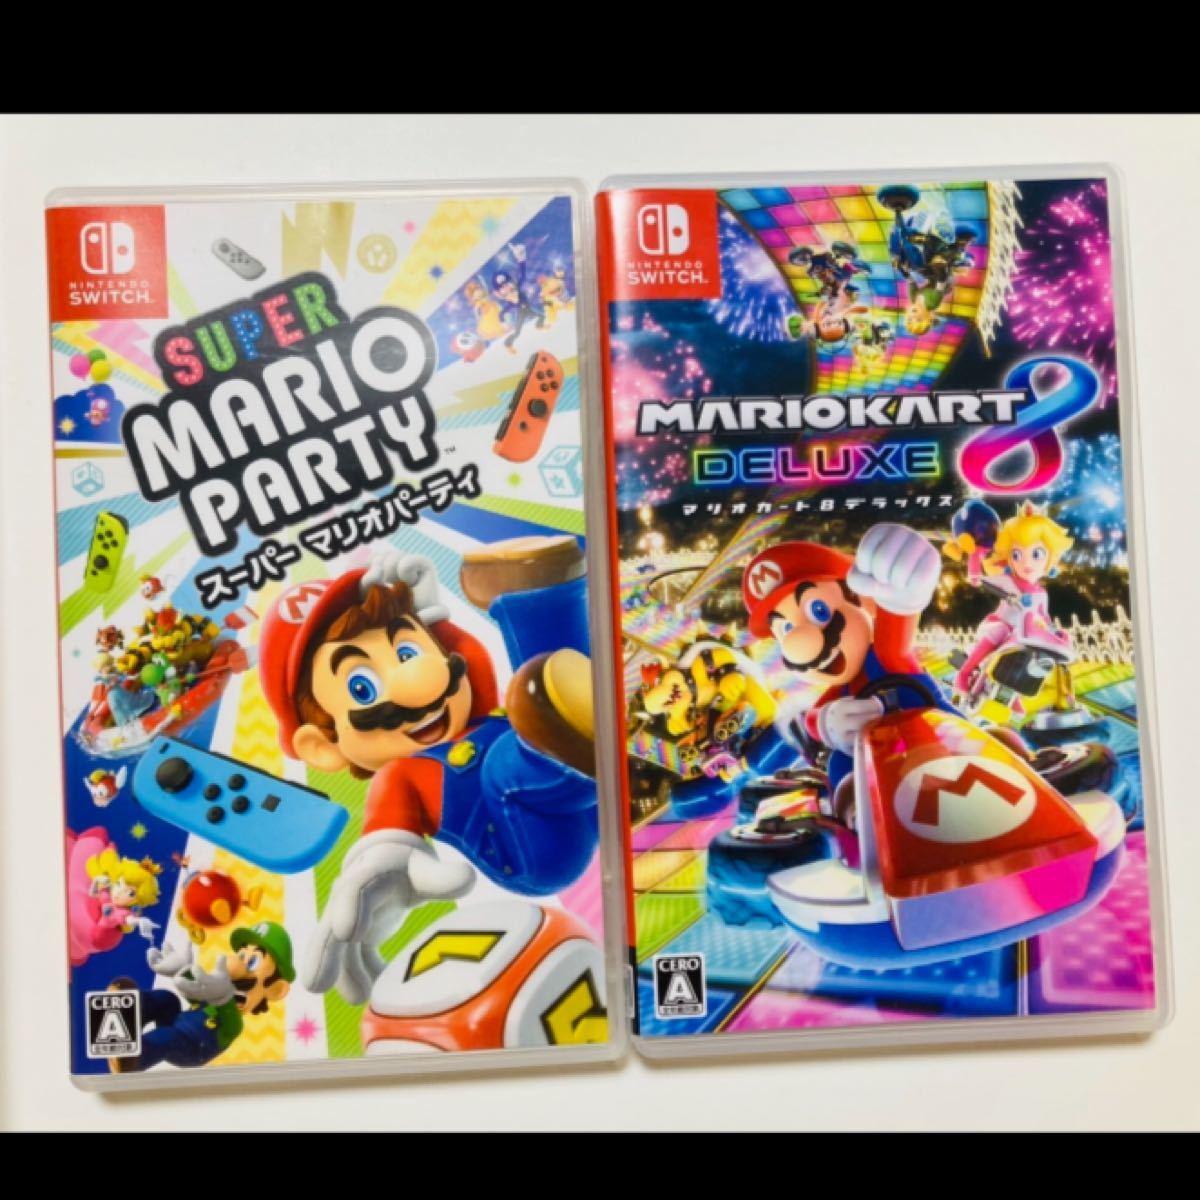 マリオカート8デラックス Switch スーパーマリオパーティ Nintendo Switch ニンテンドースイッチ